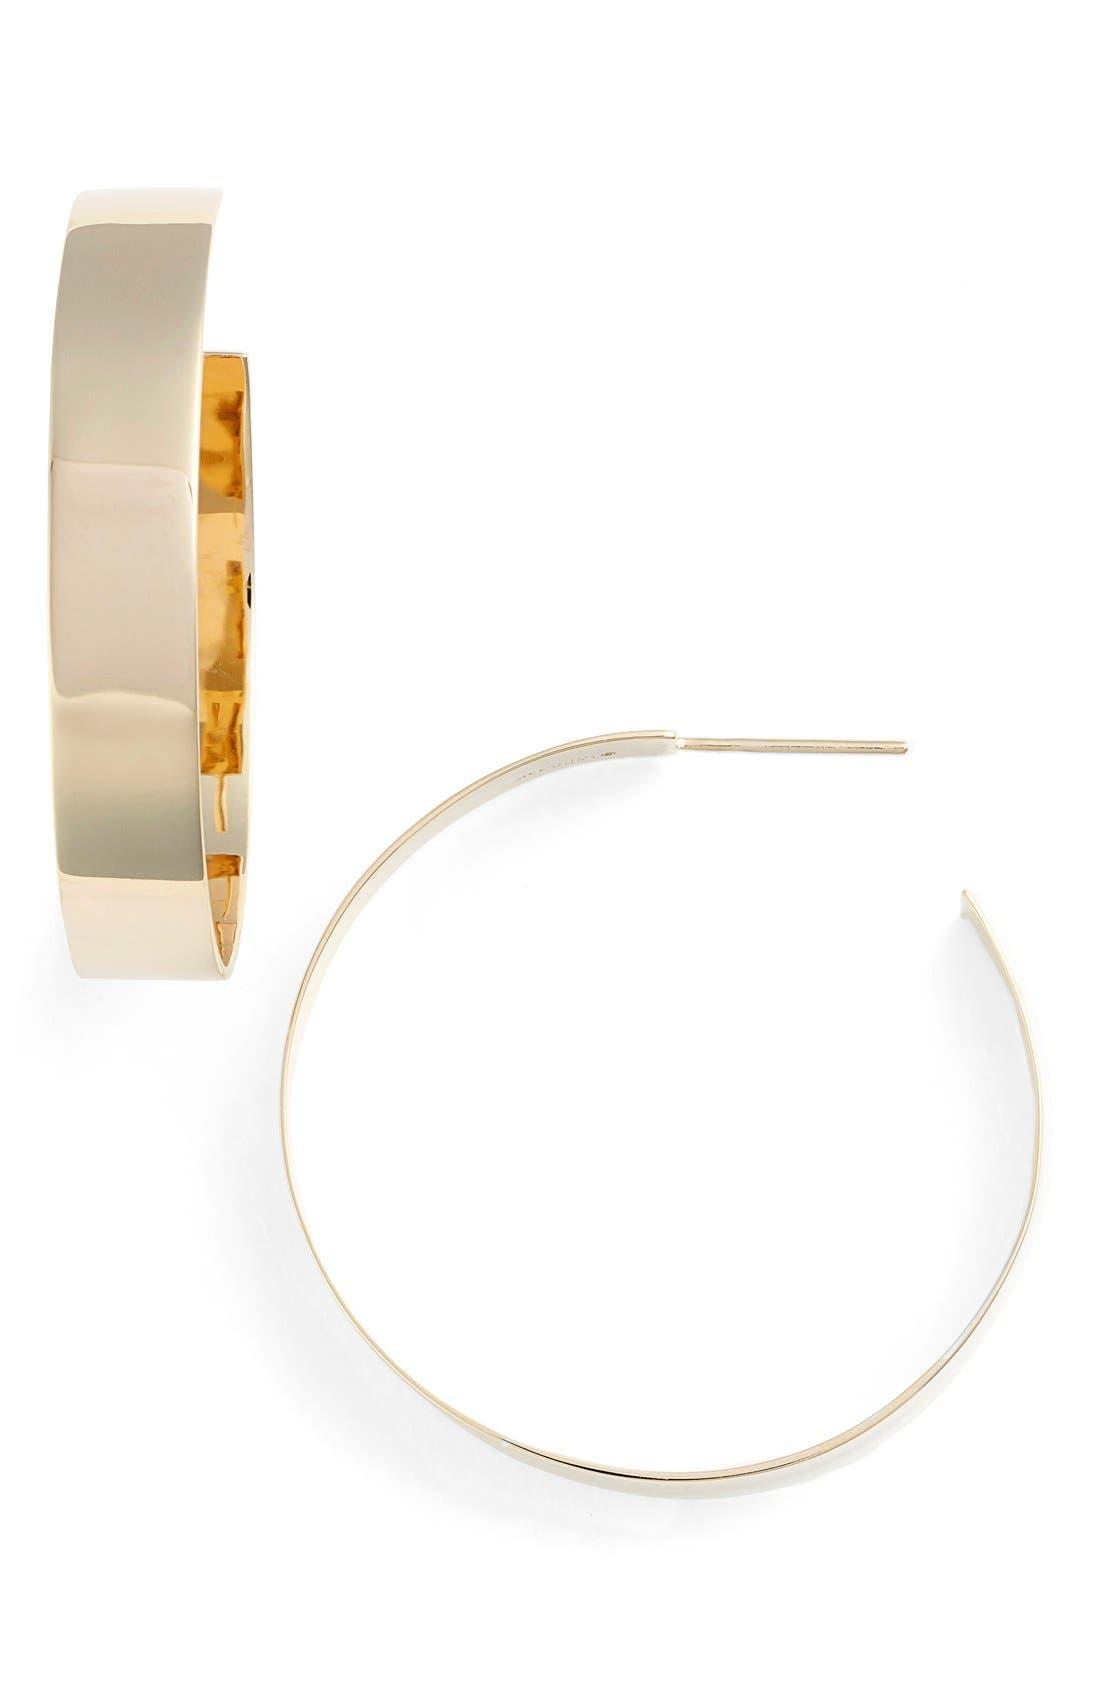 Lana Jewelry 'Vanity' Small Hoop Earrings